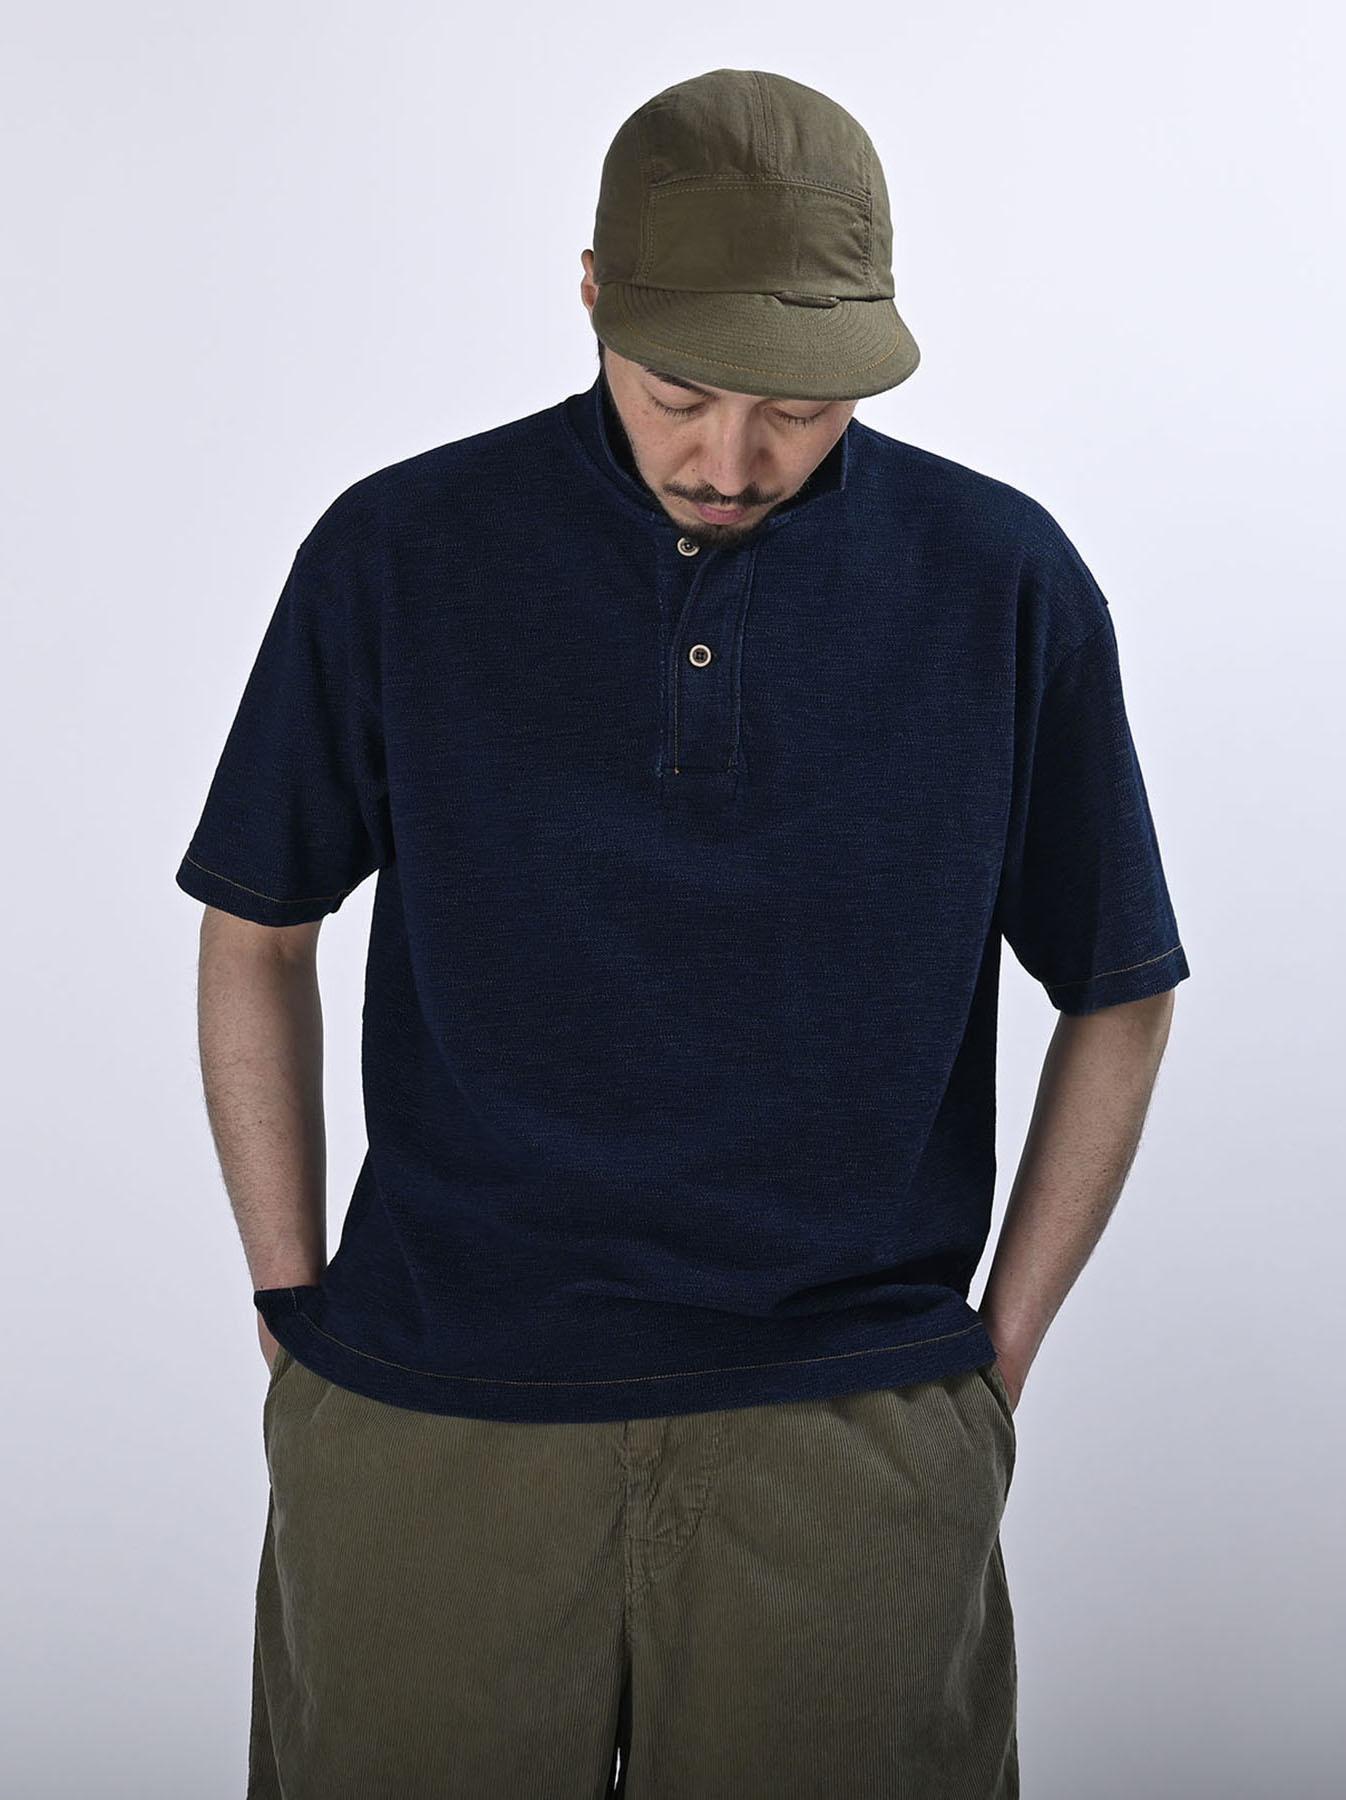 Indigo Kanoko Ocean Shiokaze Short-sleeved Polo Shirt (0521)-3